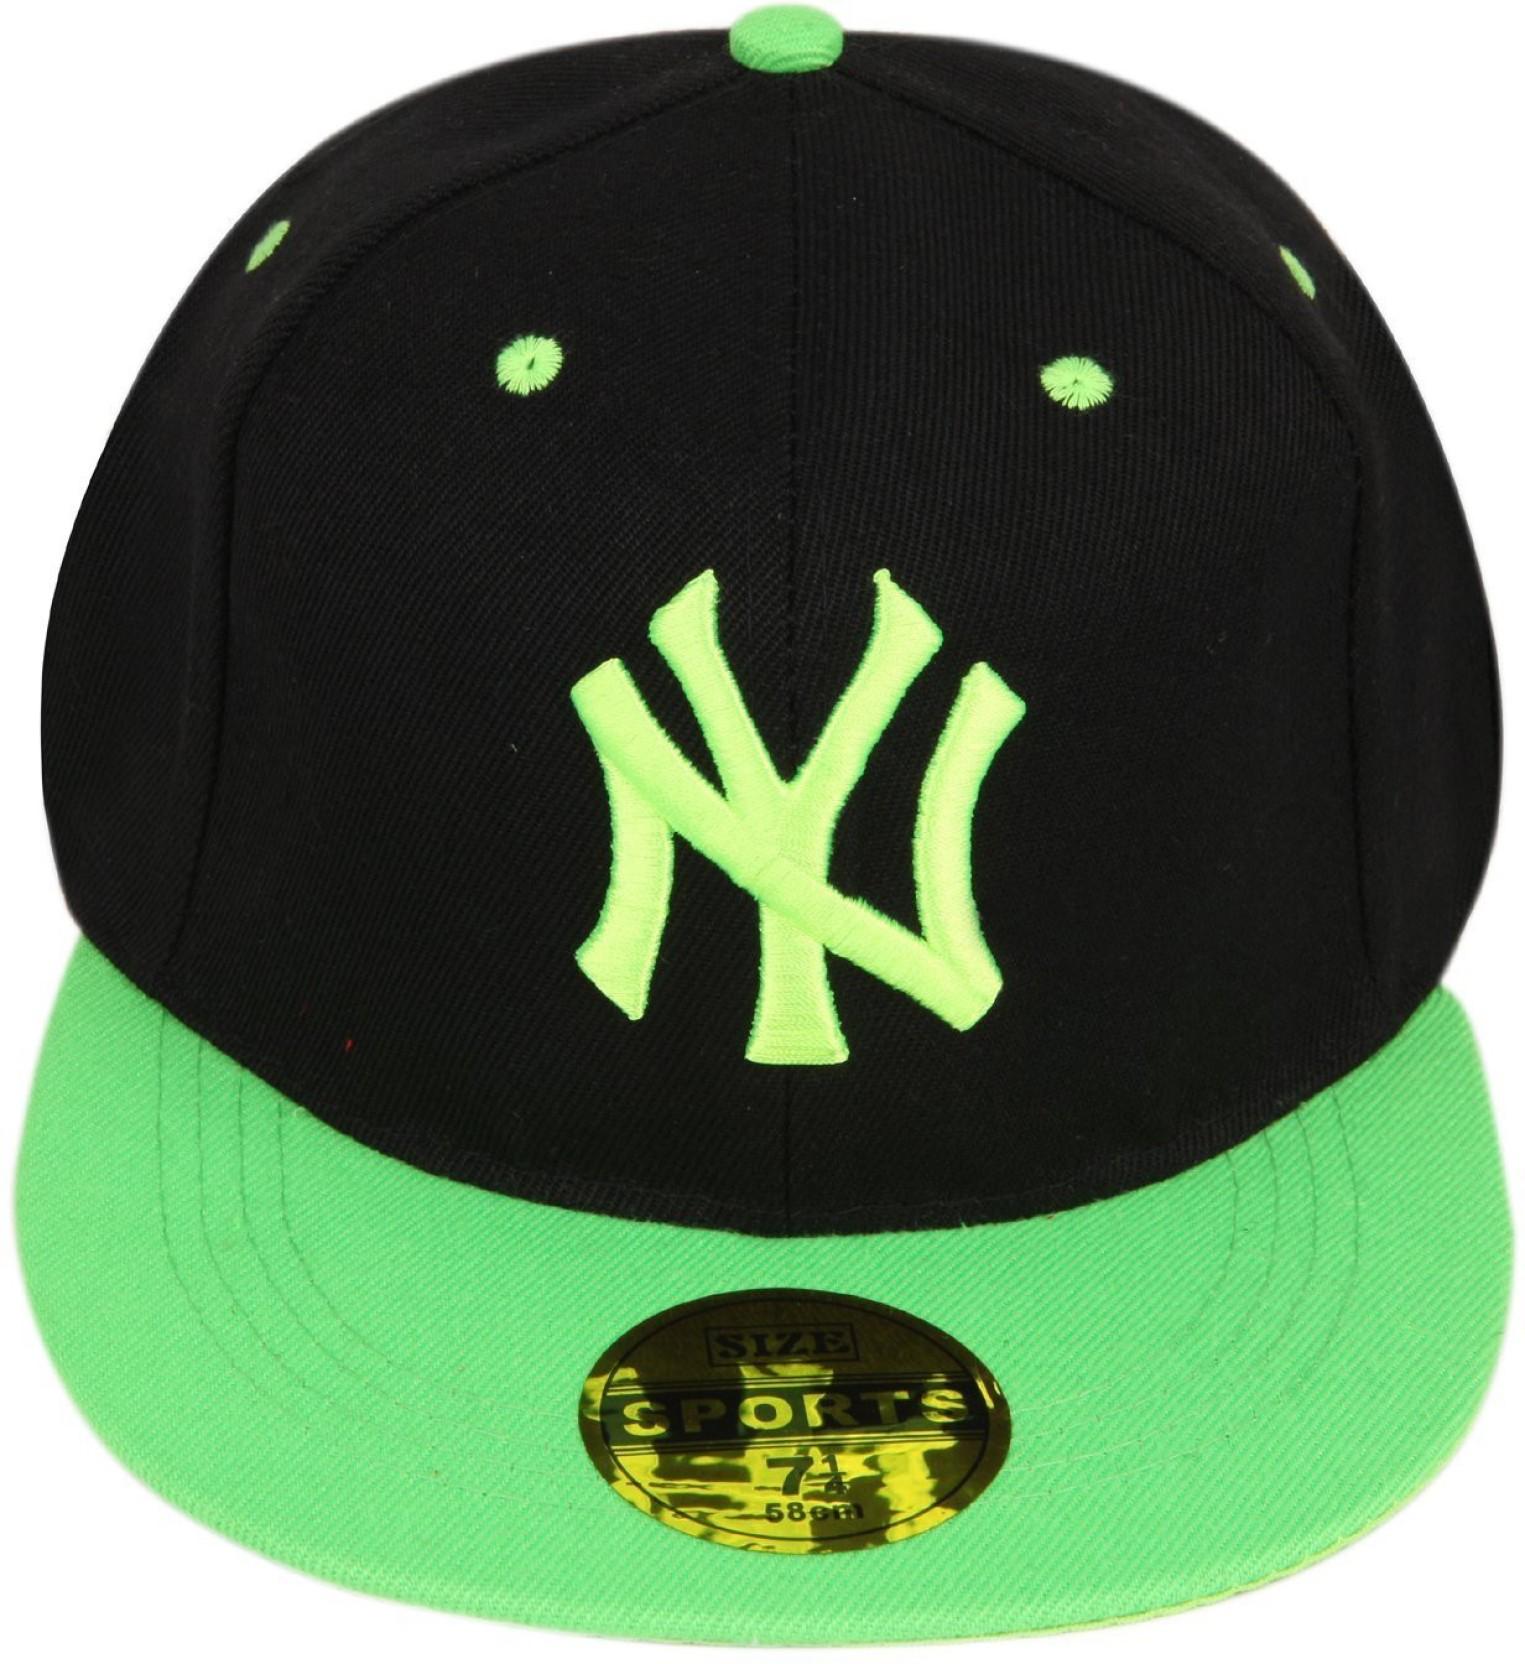 b2ebf766f44867 ILU Solid NY Caps for men and womens, Baseball cap, Hip Hop, snapback Cap,  hiphop caps, trucker caps, Snapback, dad caps, hats, hat, black cap, cotton  caps, ...